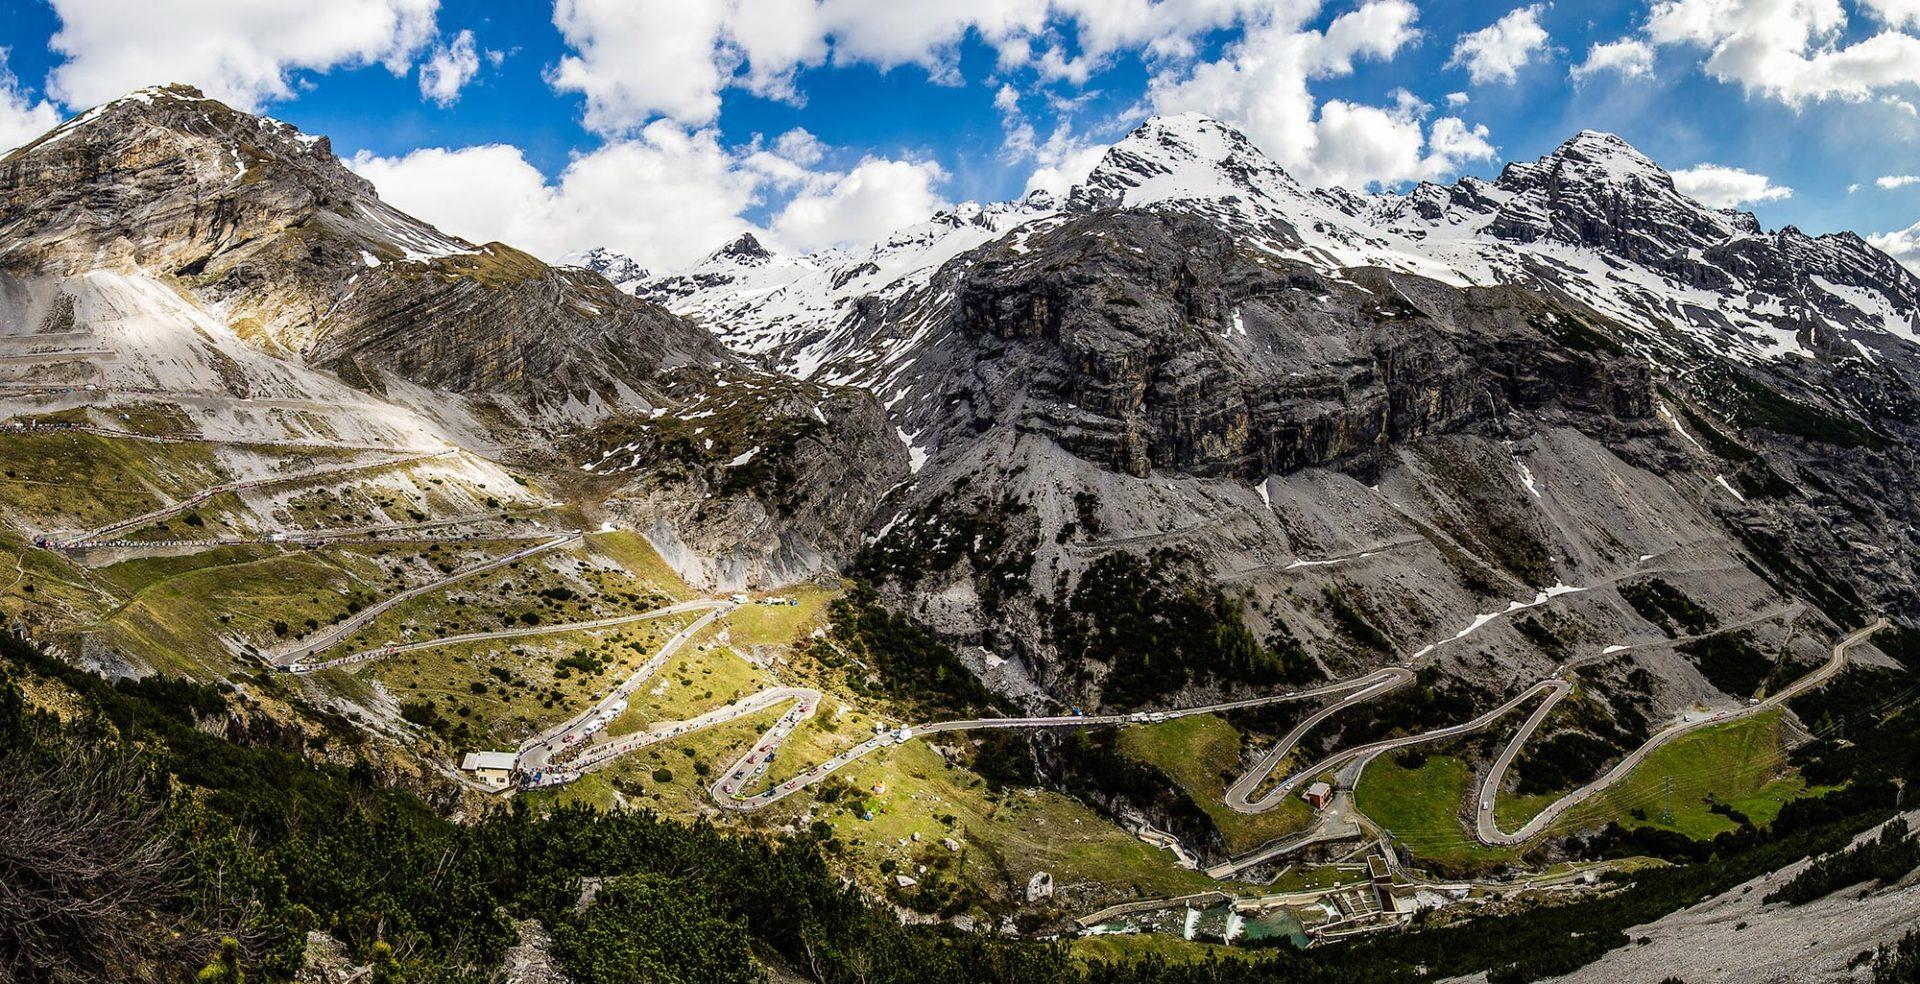 Stelvio Pass, South Tyrol, Italy